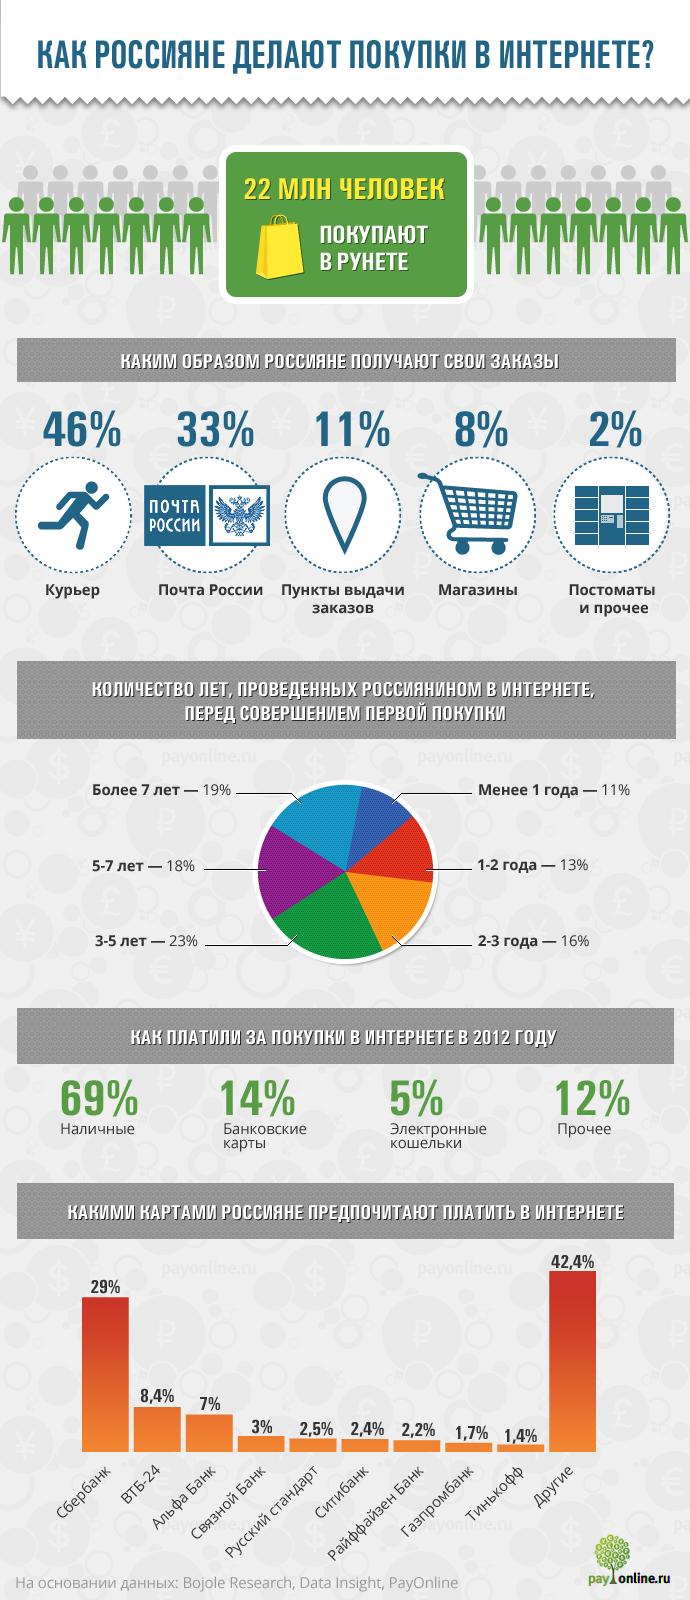 Инфографика: Как россияне делают покупки в Интернете